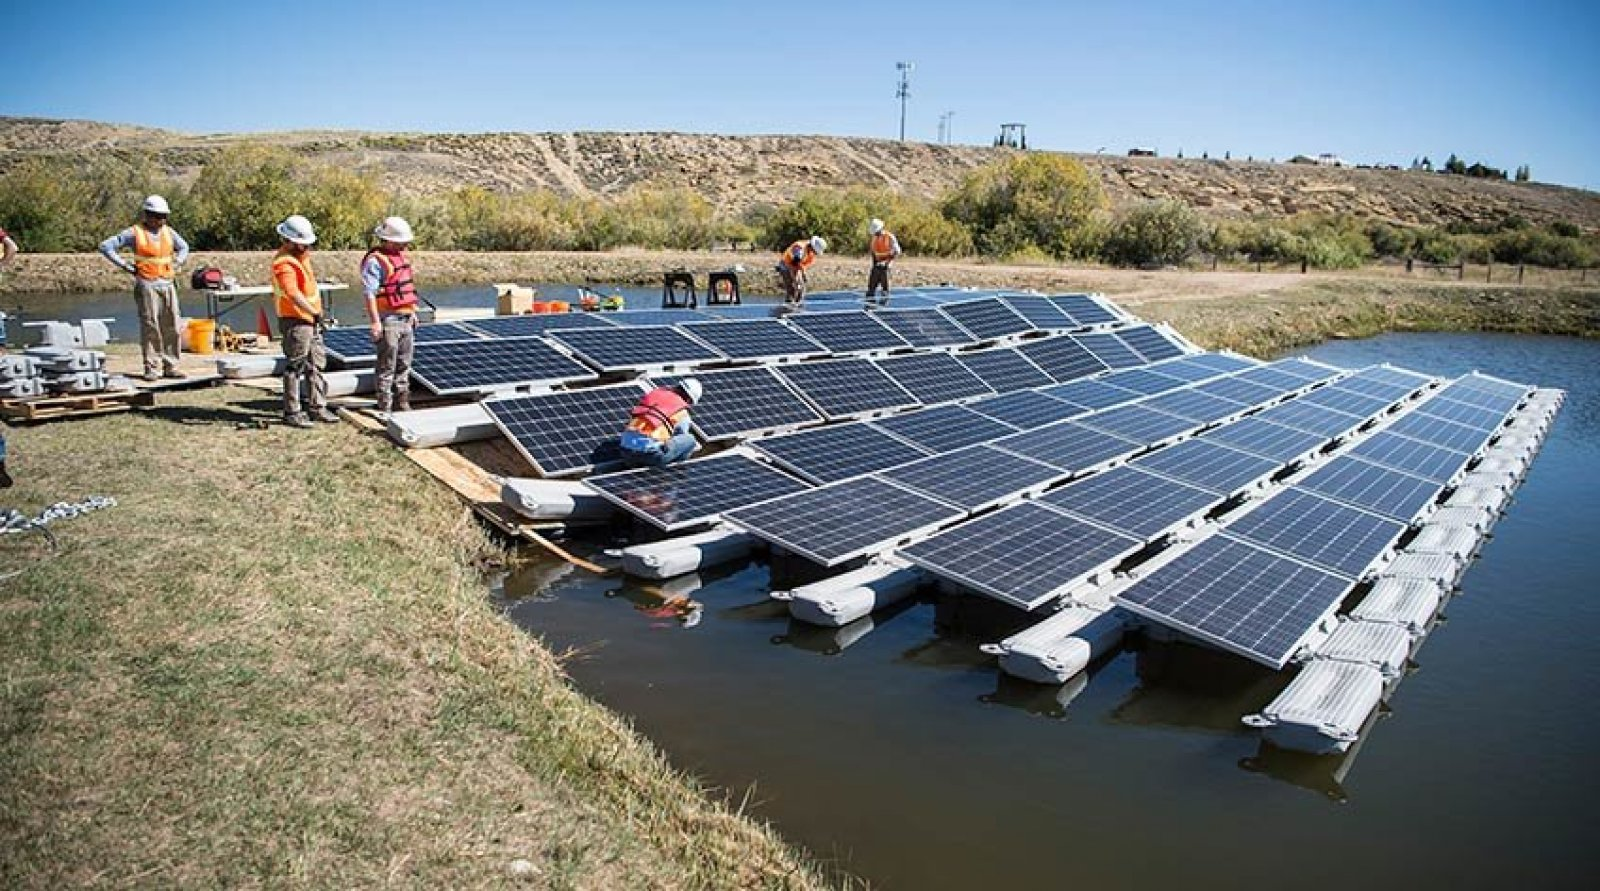 Instal·lació de plaques solars fotovoltaiques a Colorado (Estats Units)